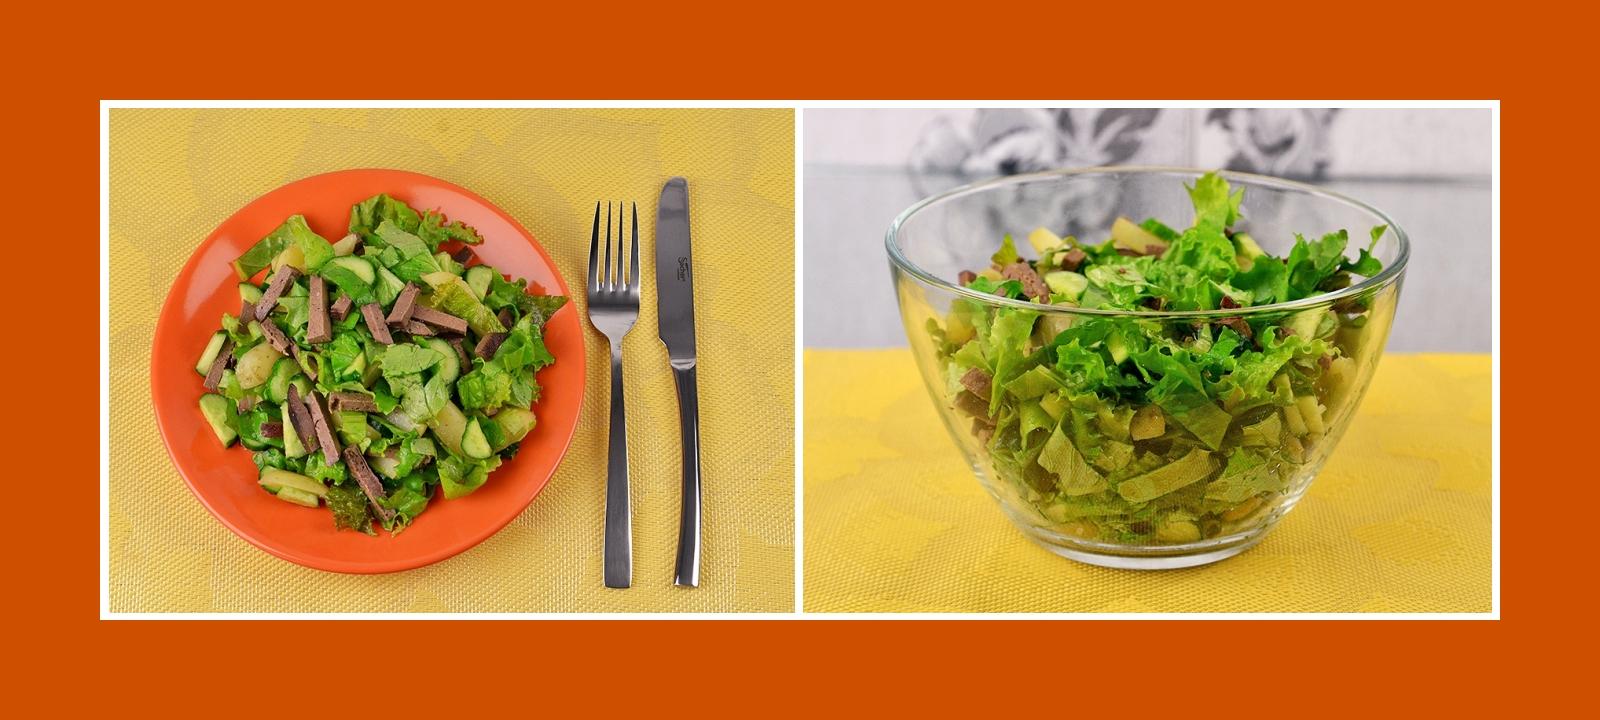 Gesunder Salat mit Gartensalat, Kartoffeln, Gurken und Rindleber Schweineleber gegart